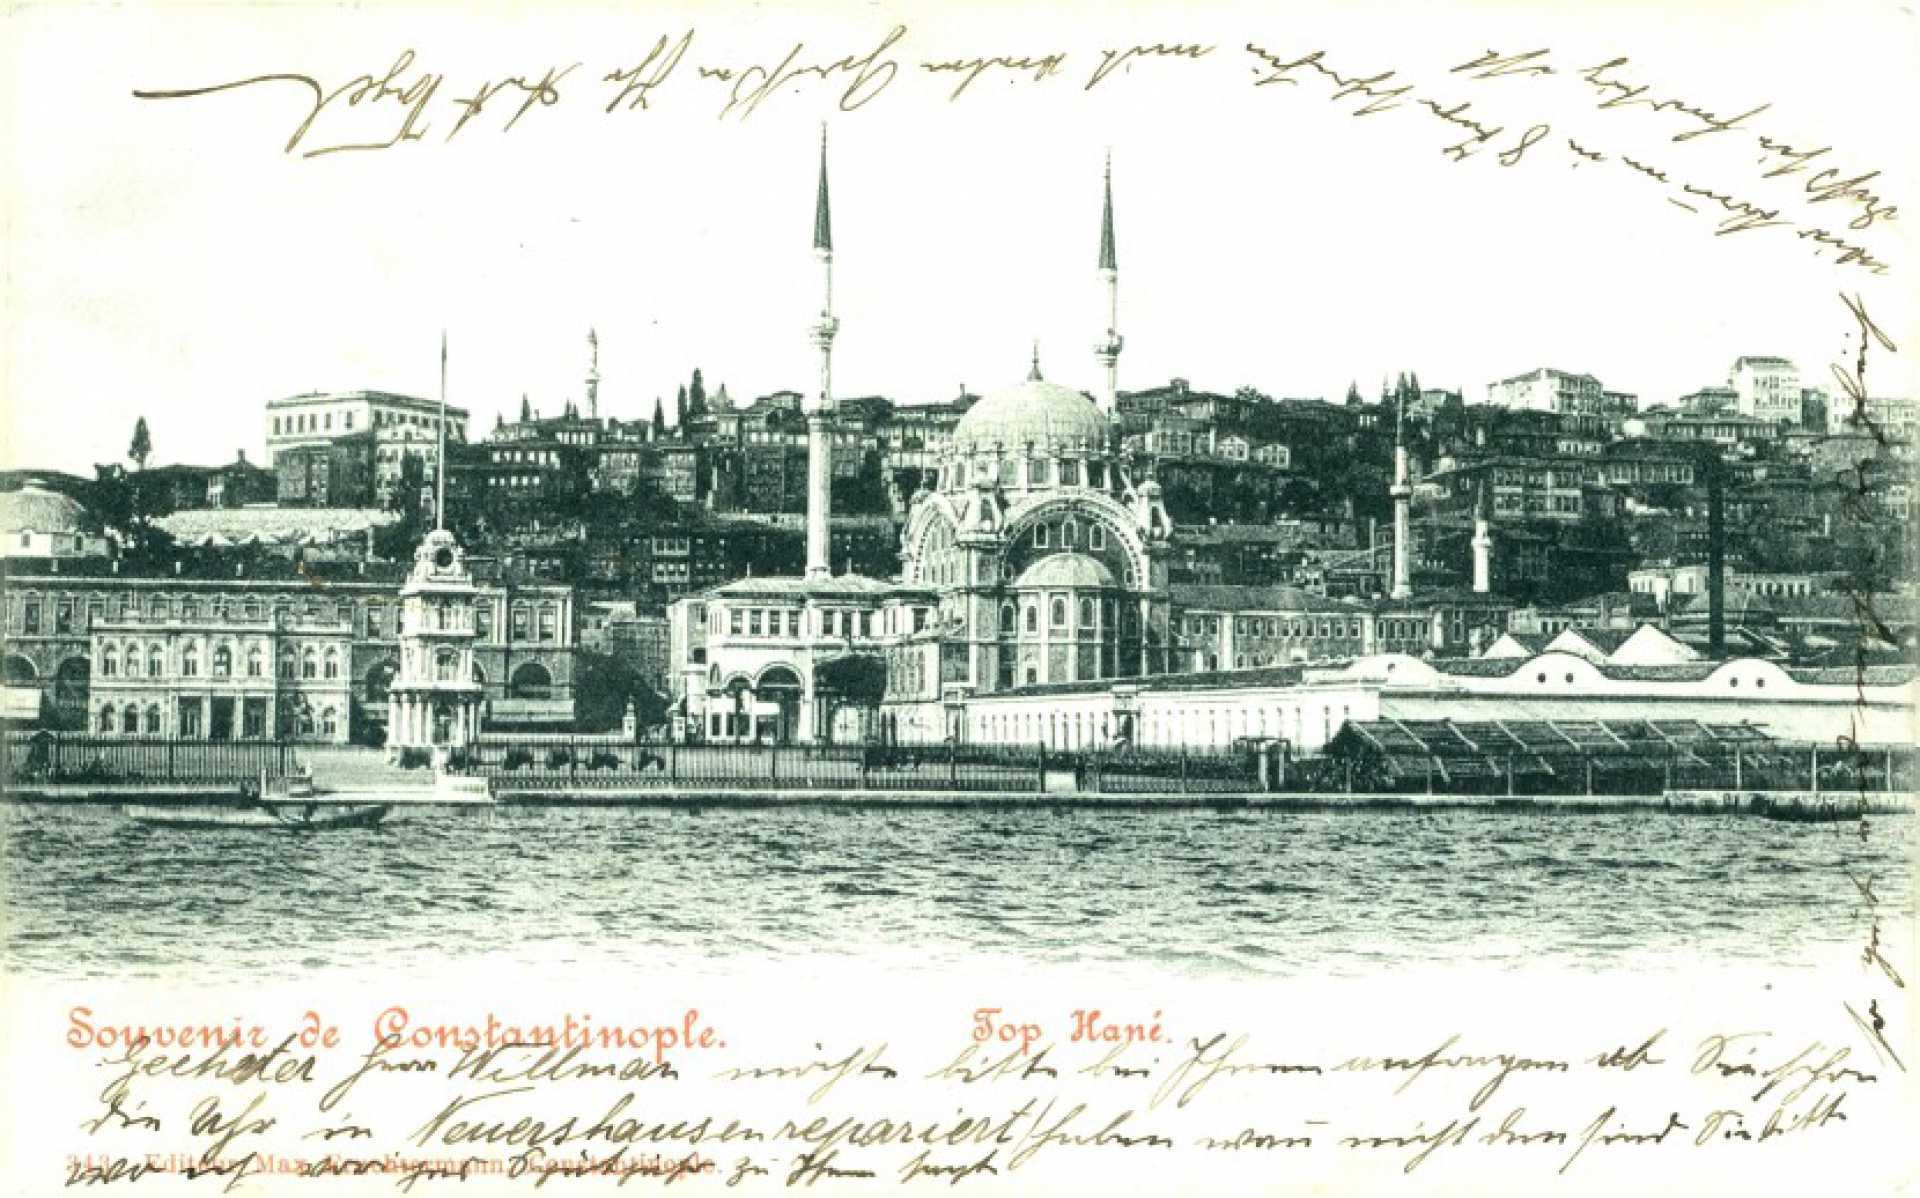 Souvenir de Constantinople. Top Hane